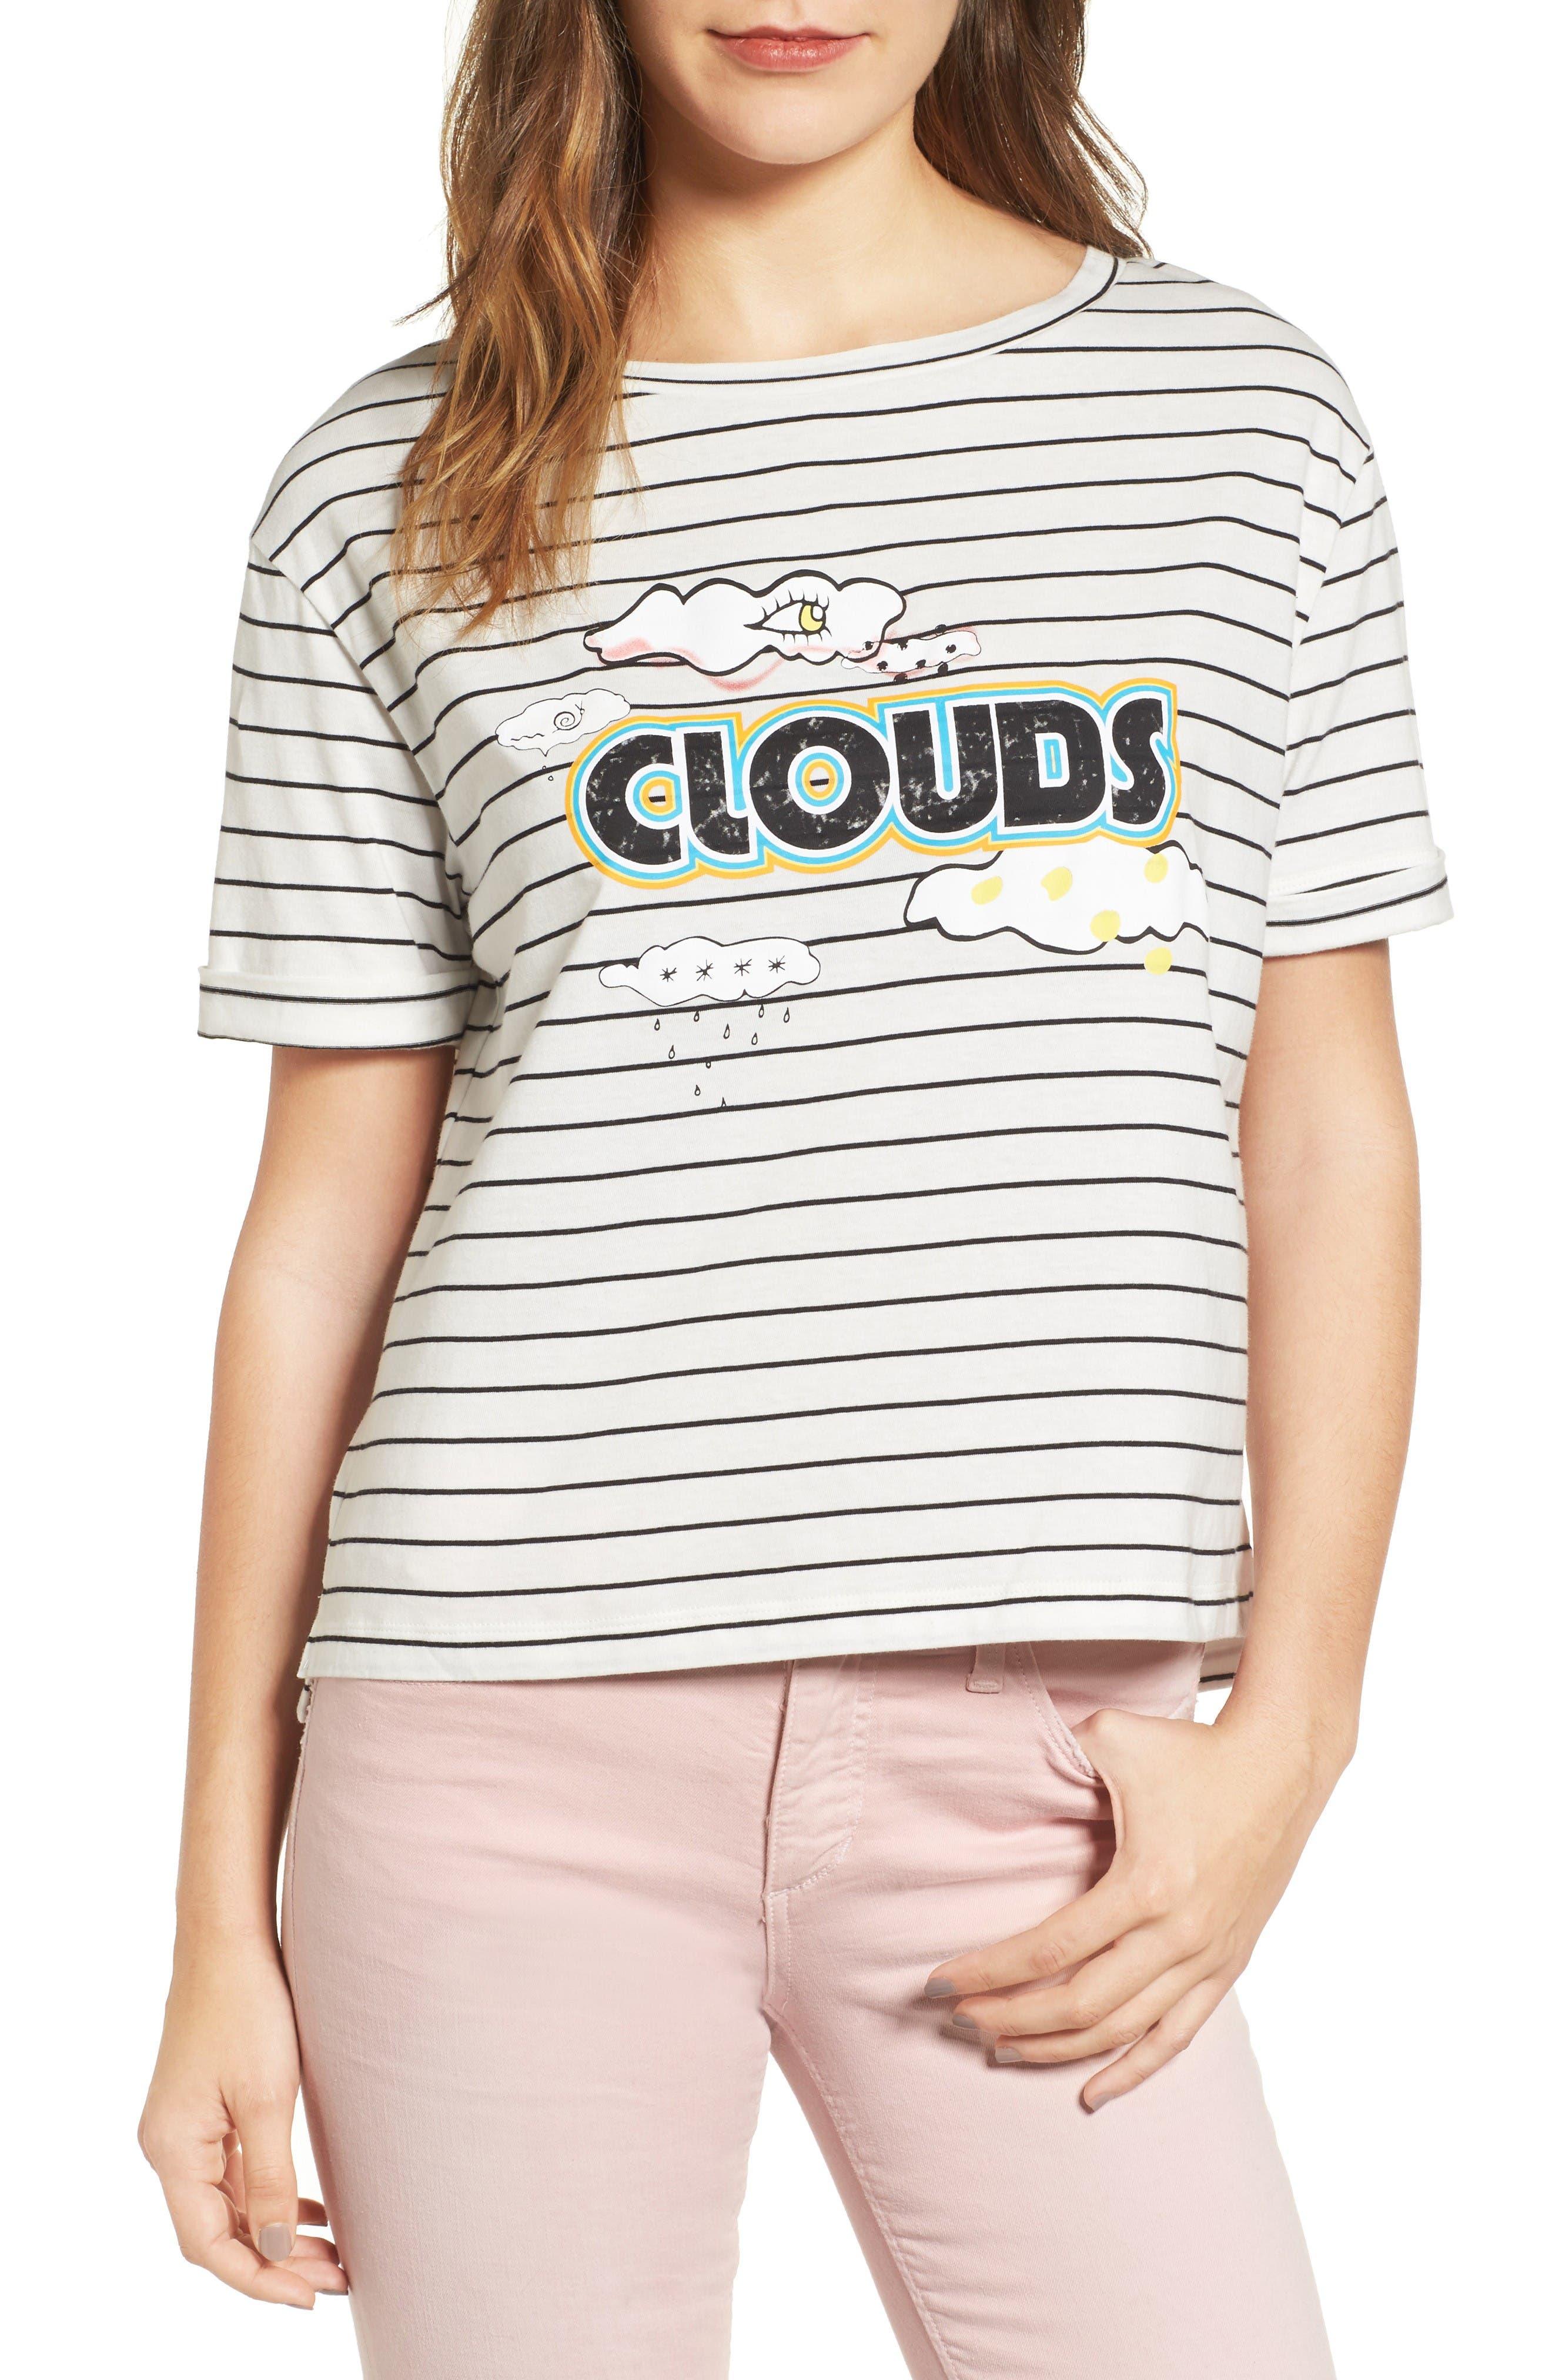 Paul & Joe Sister Cloudy Tee